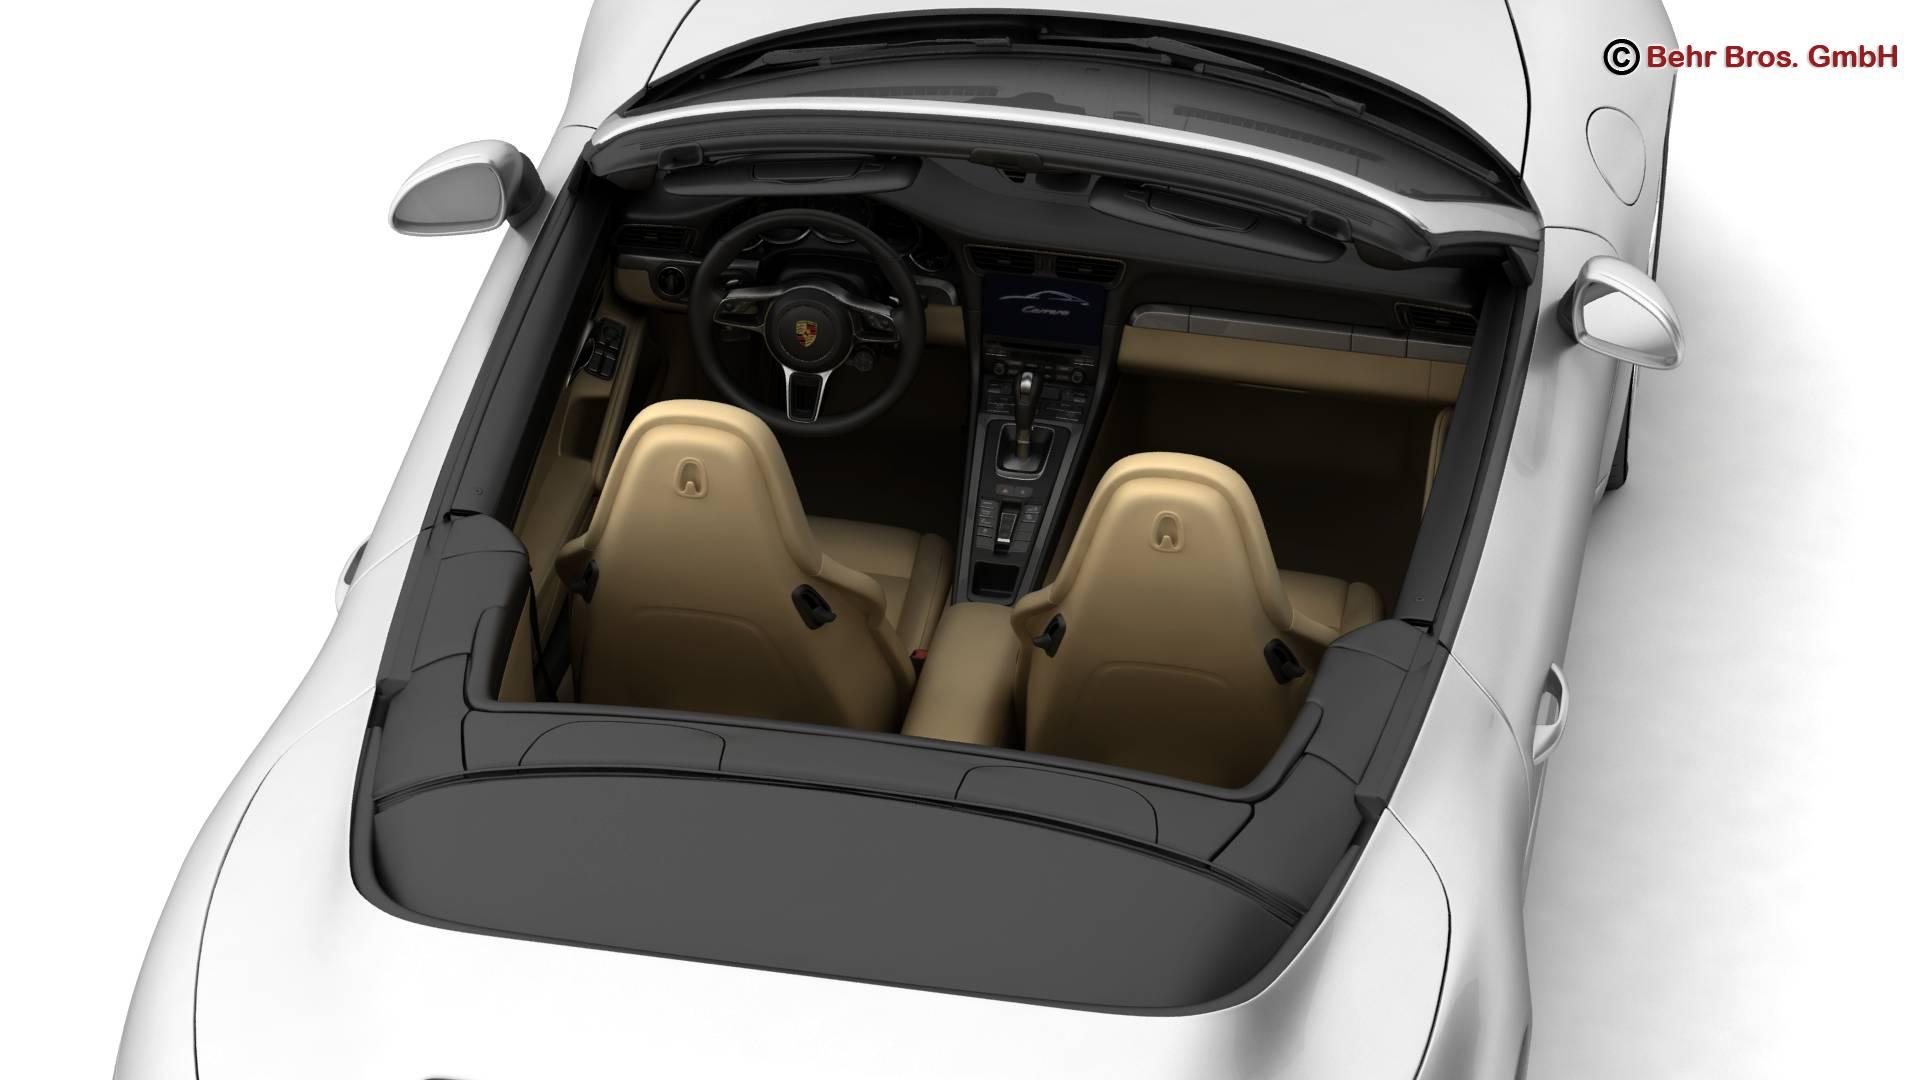 porsche 911 carrera cabriolet 2017 3d líkan 3ds max fbx c4d lwo ma mb obj 220801